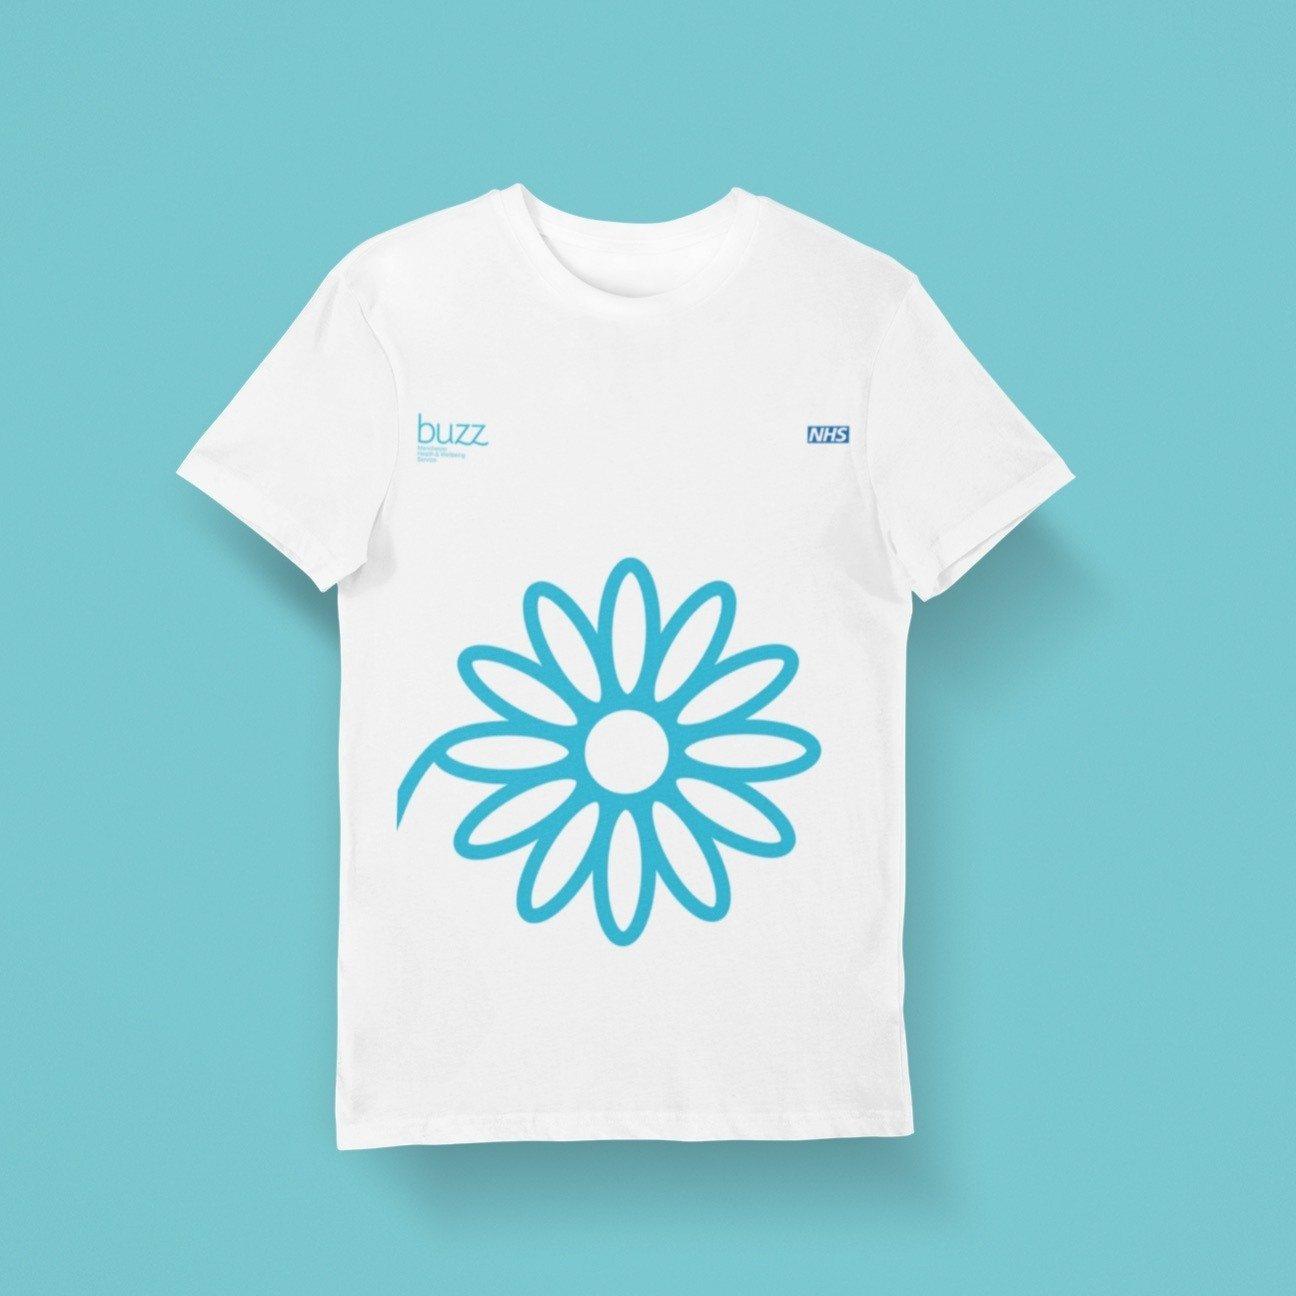 Buzzbranding tshirt